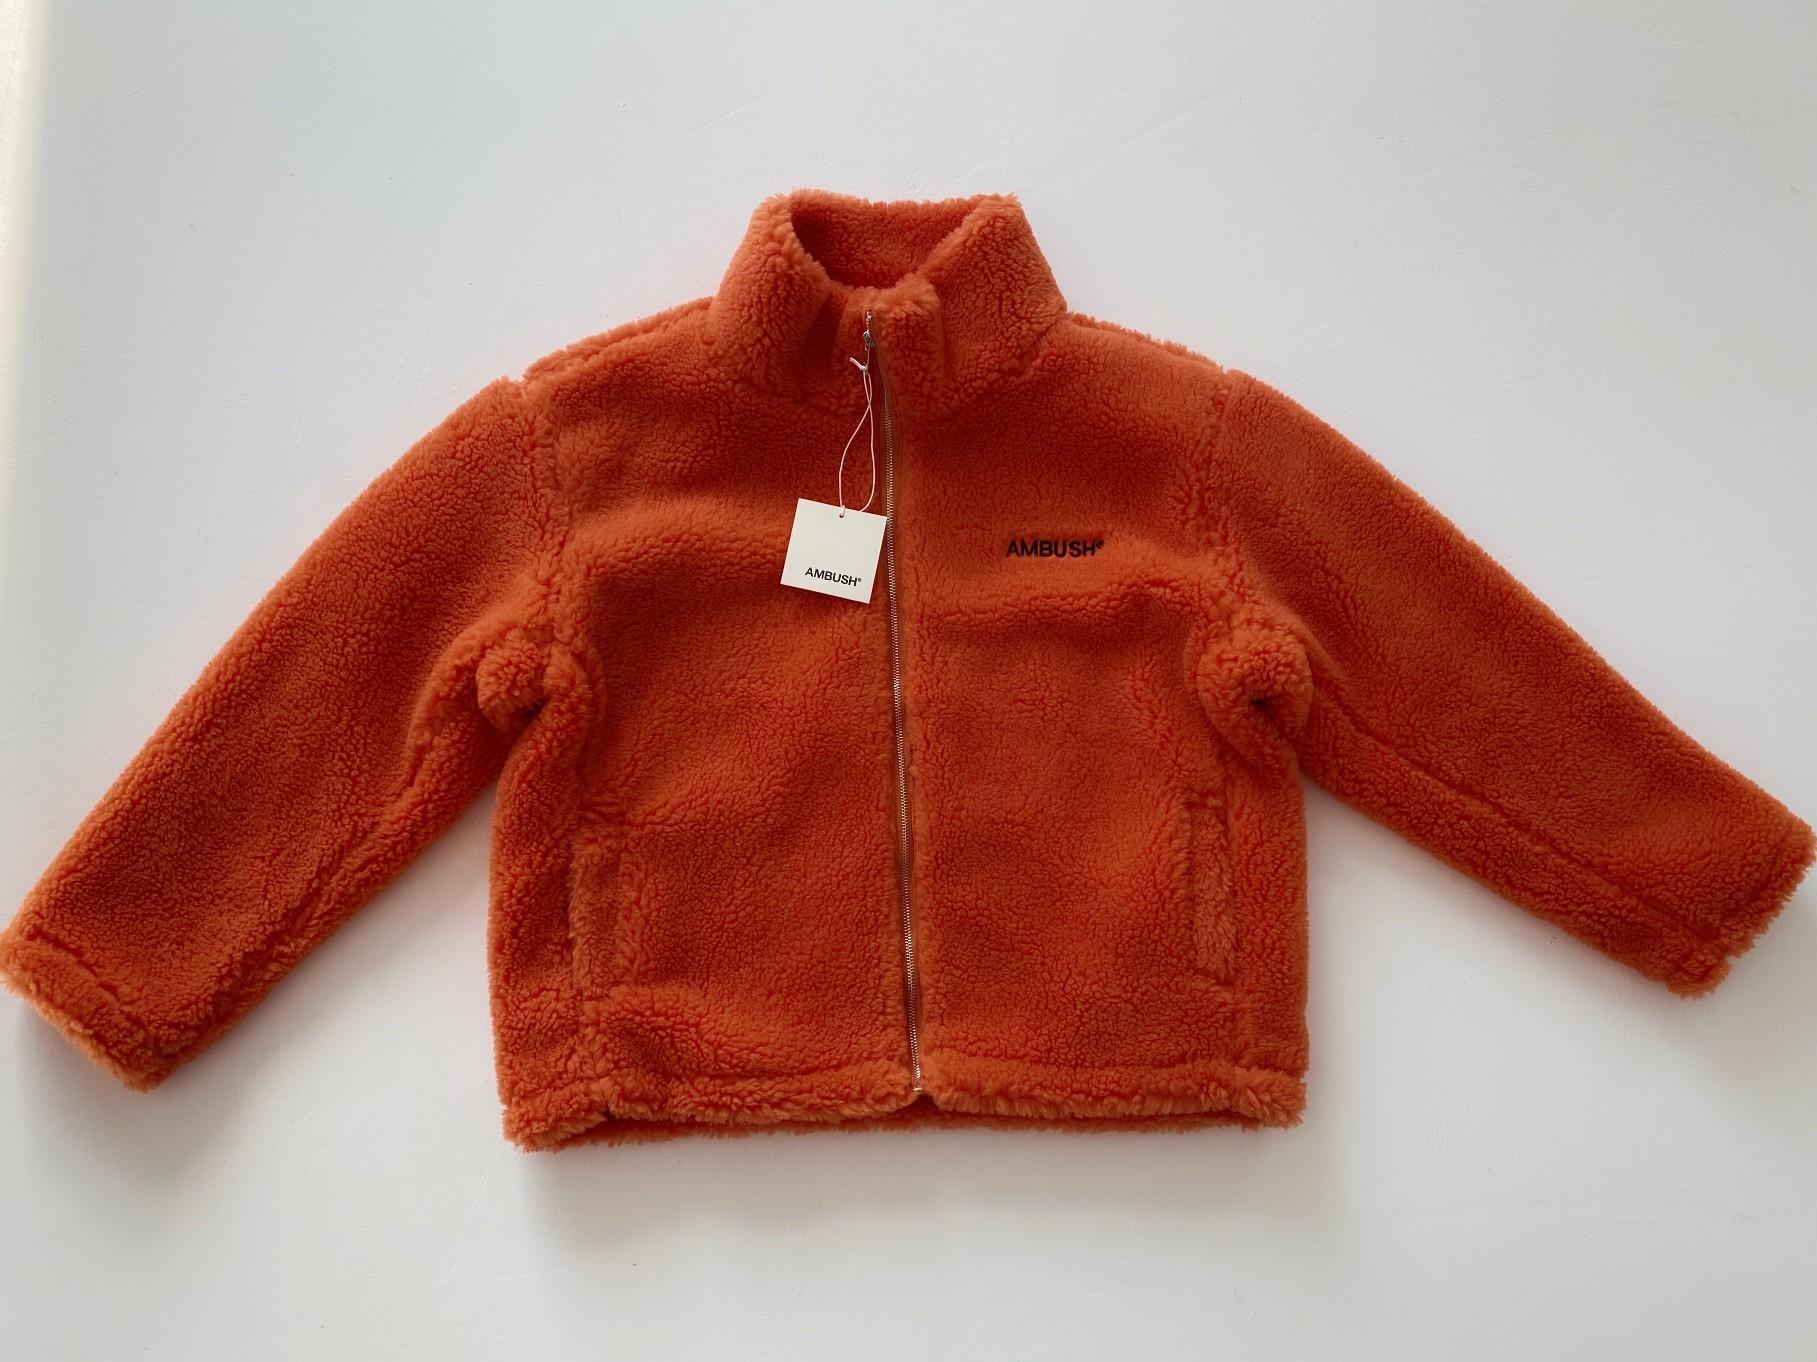 Melhor qualidade lã jaqueta de lã homens mulheres inverno cashmere zip jaqueta e casacos laranja / preto